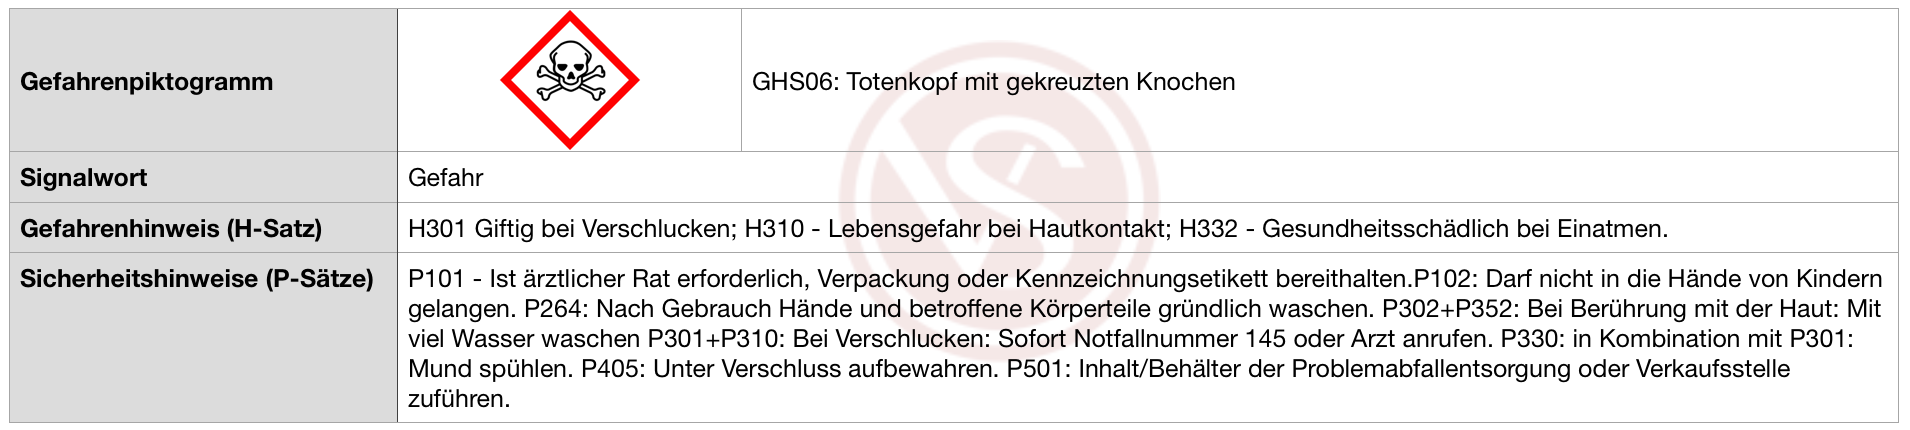 Gefahr_H301_H310_H332